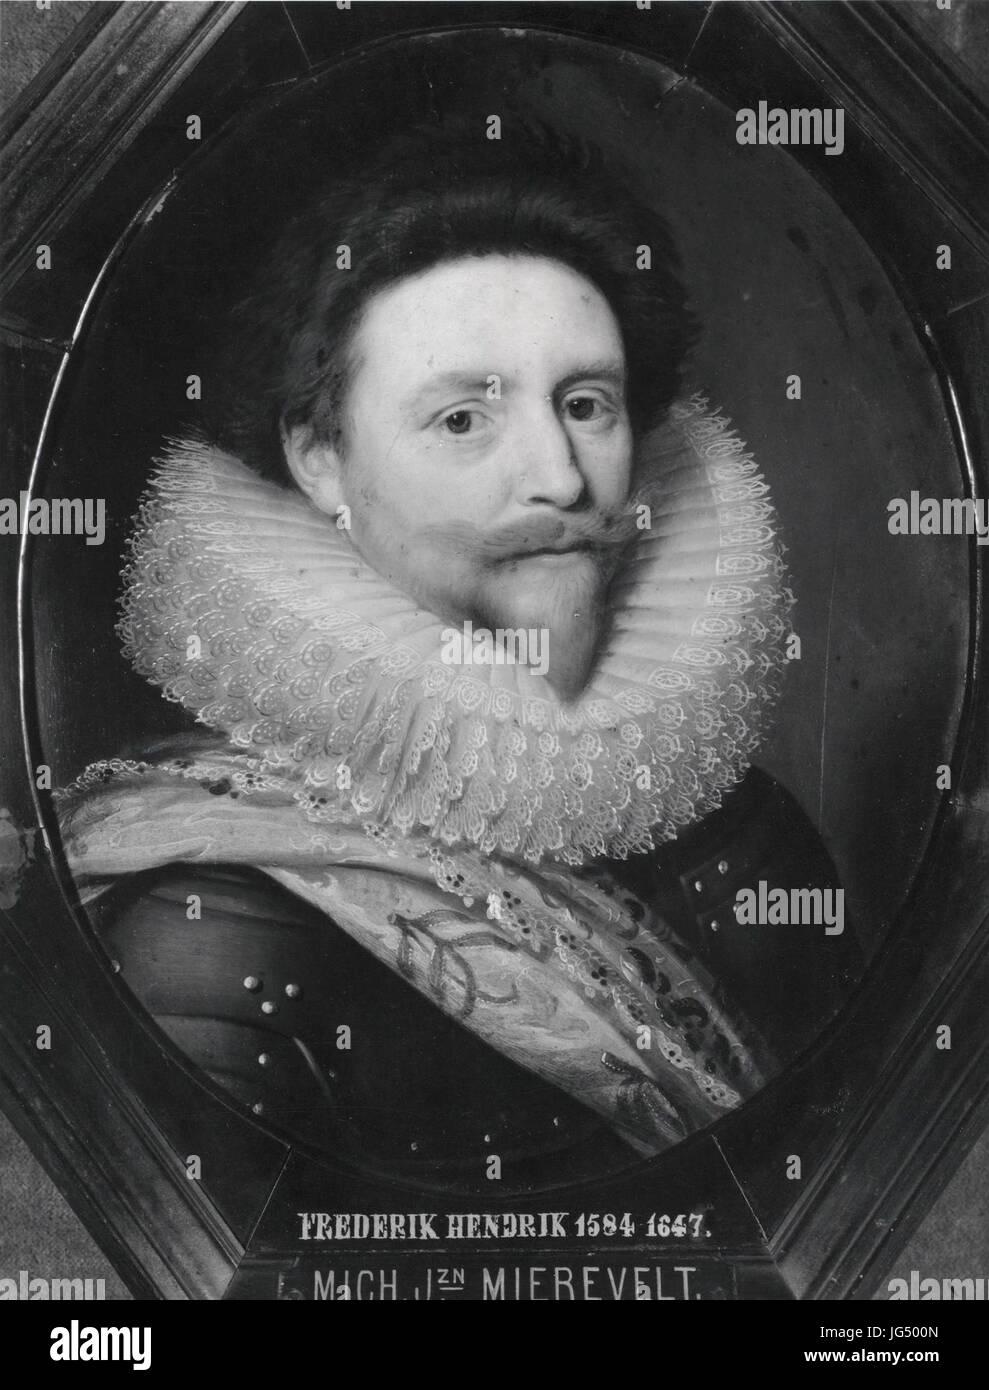 Retrato de Frederick Henry, Príncipe de Orange, desde el taller de Michiel van Mierevelt Musée d'Art et d'Histoire d'Orange Foto de stock